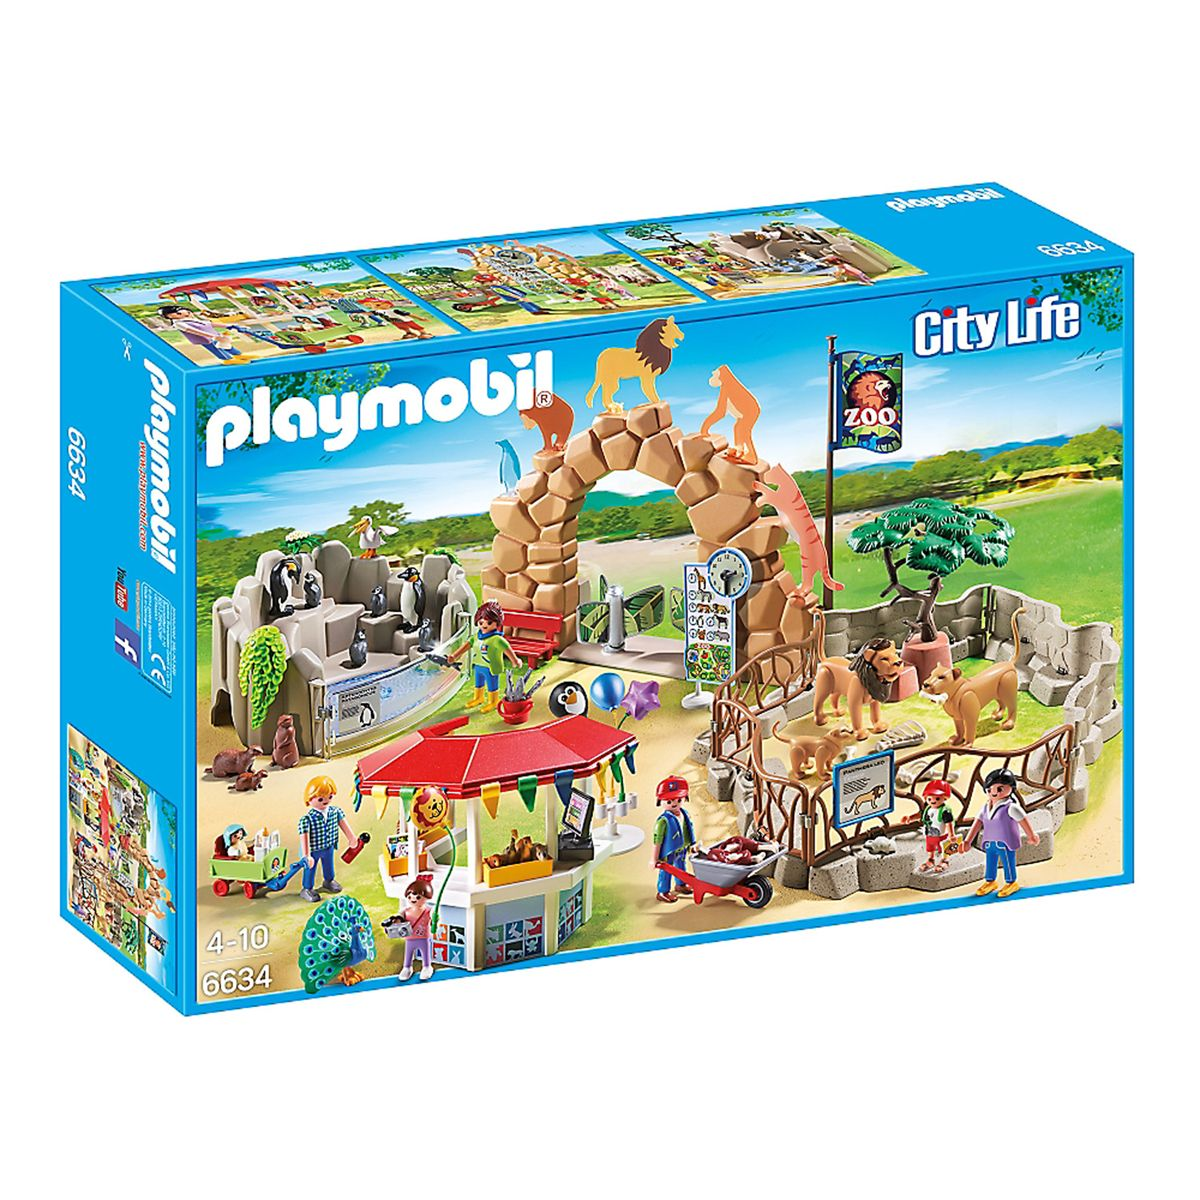 jouet playmobil grande récré